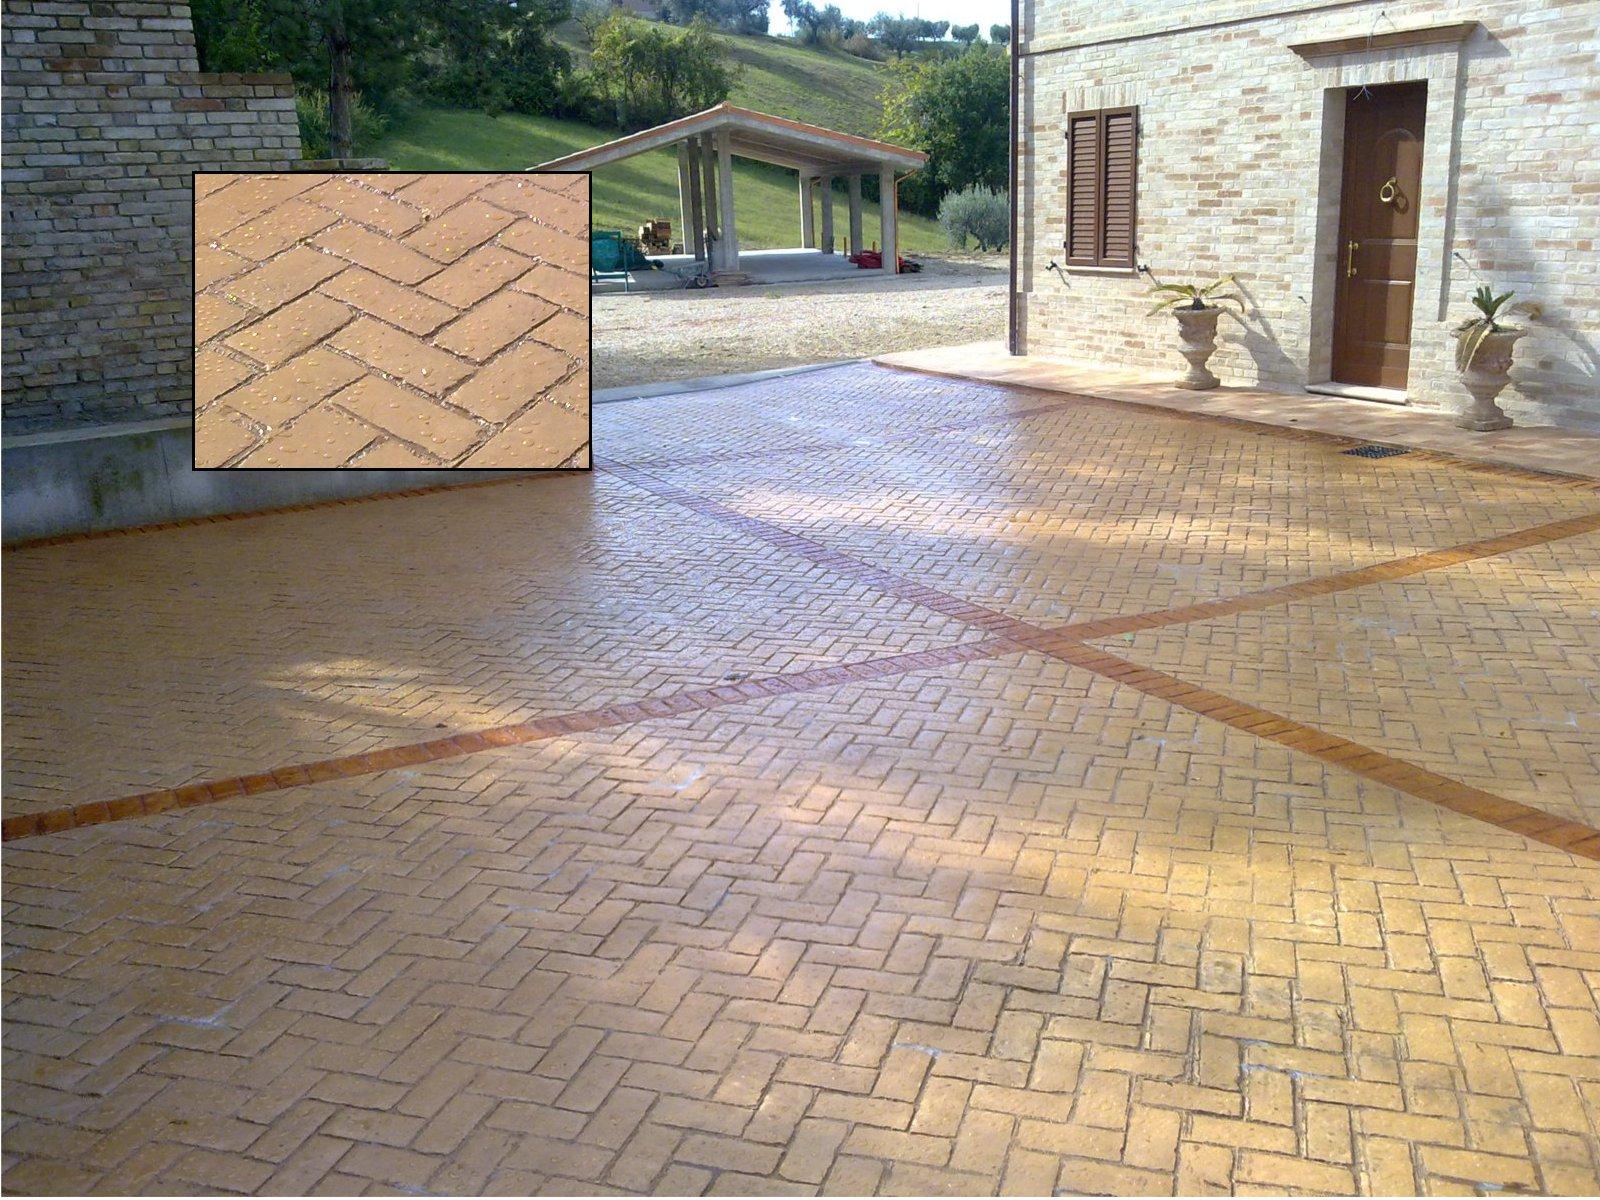 Pavimento Calcestruzzo Stampato : Pavimenti in calcestruzzo stampato edil pavim